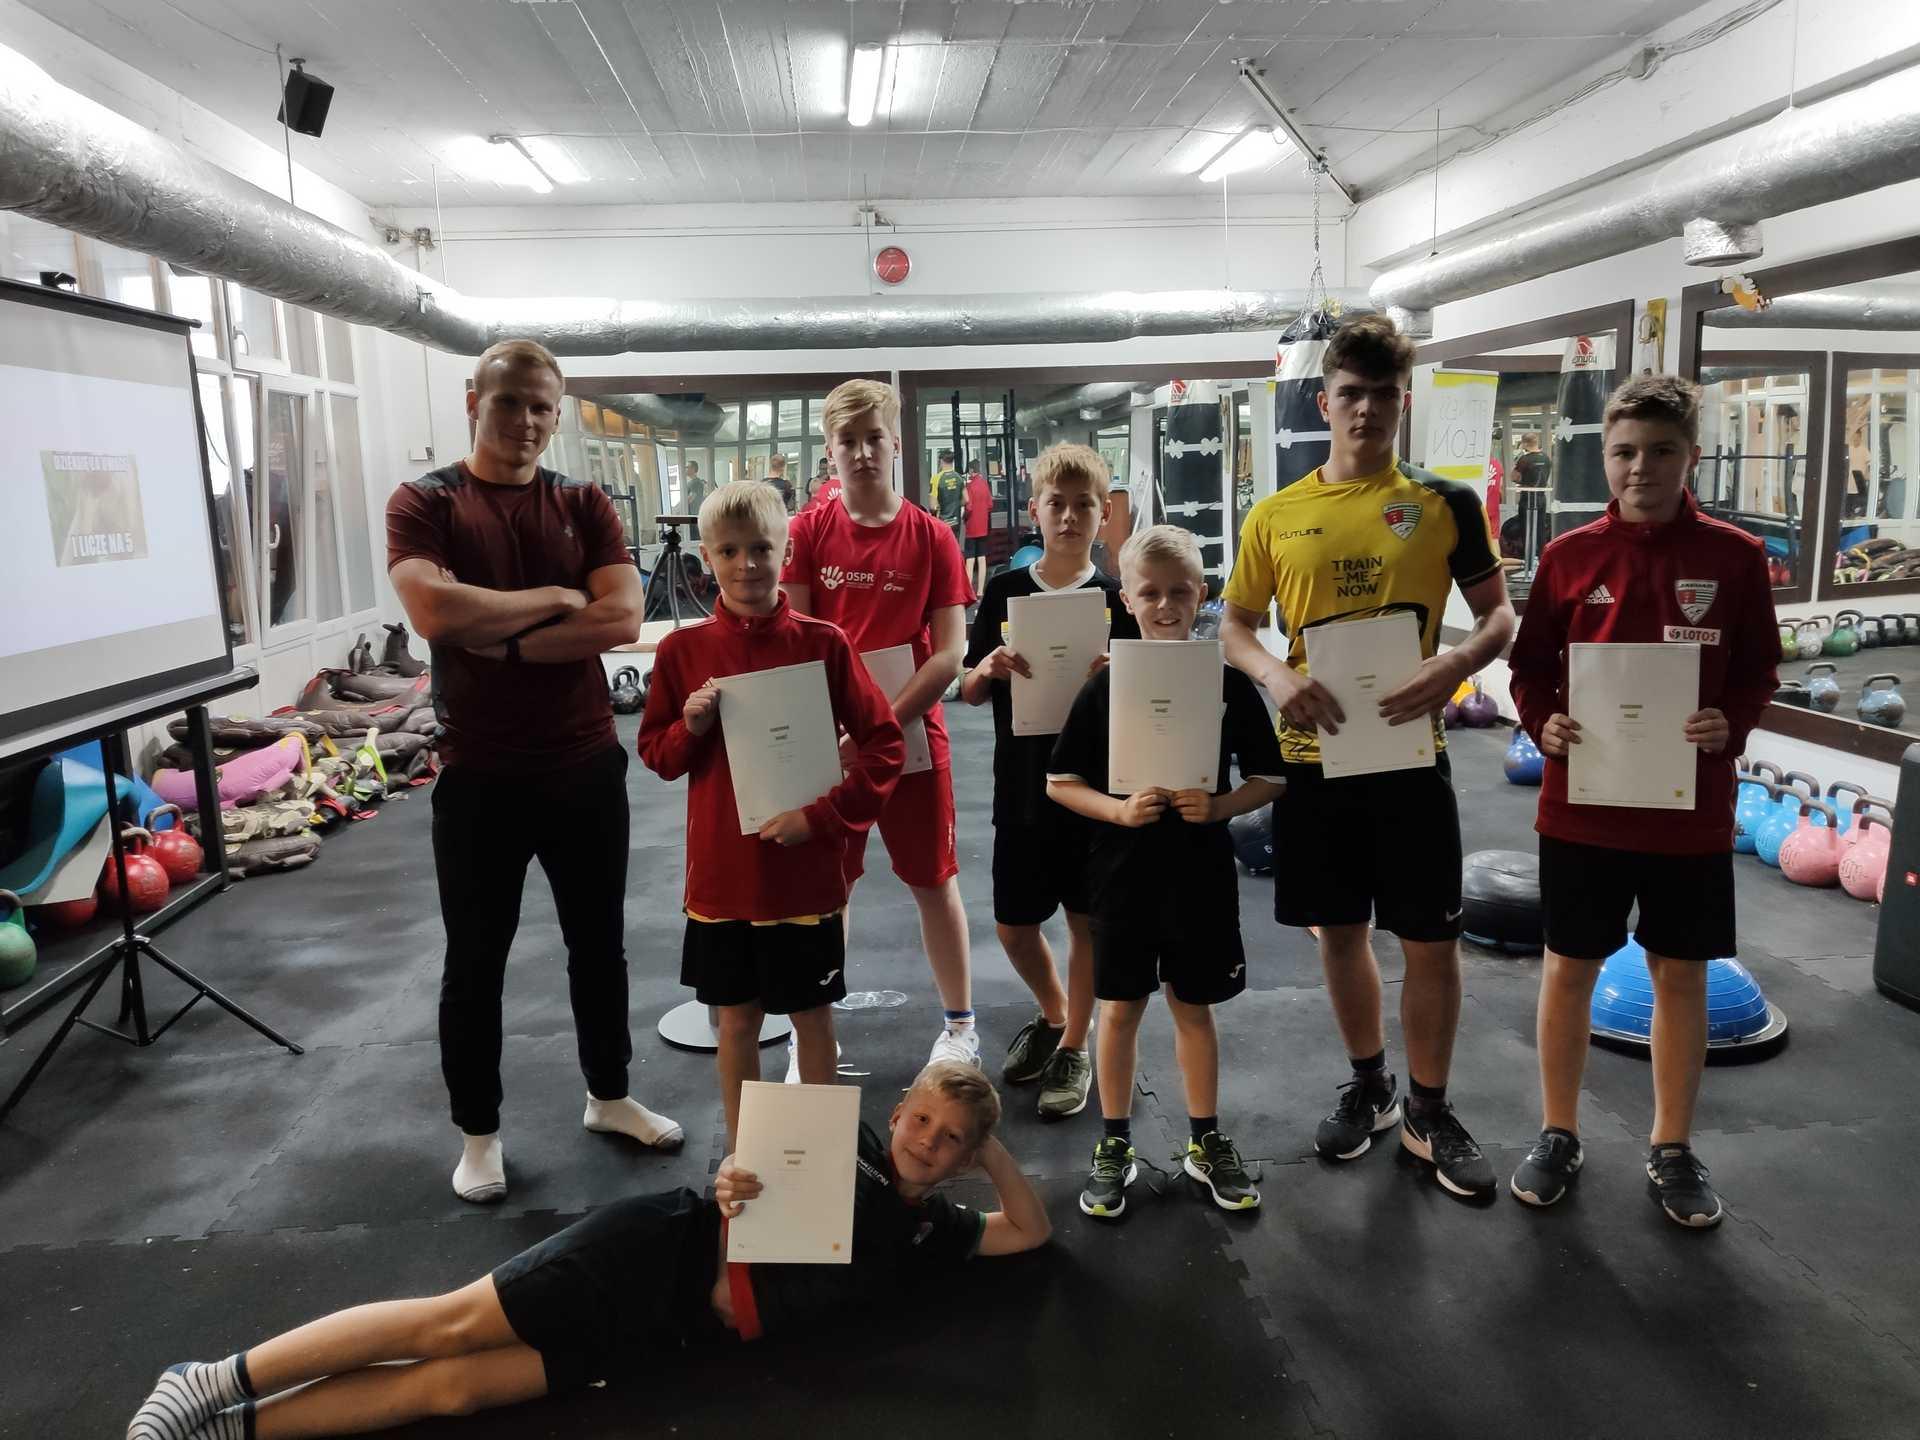 Treningi indywidualne dla młodzieży Gdańsk Jasień siłownia